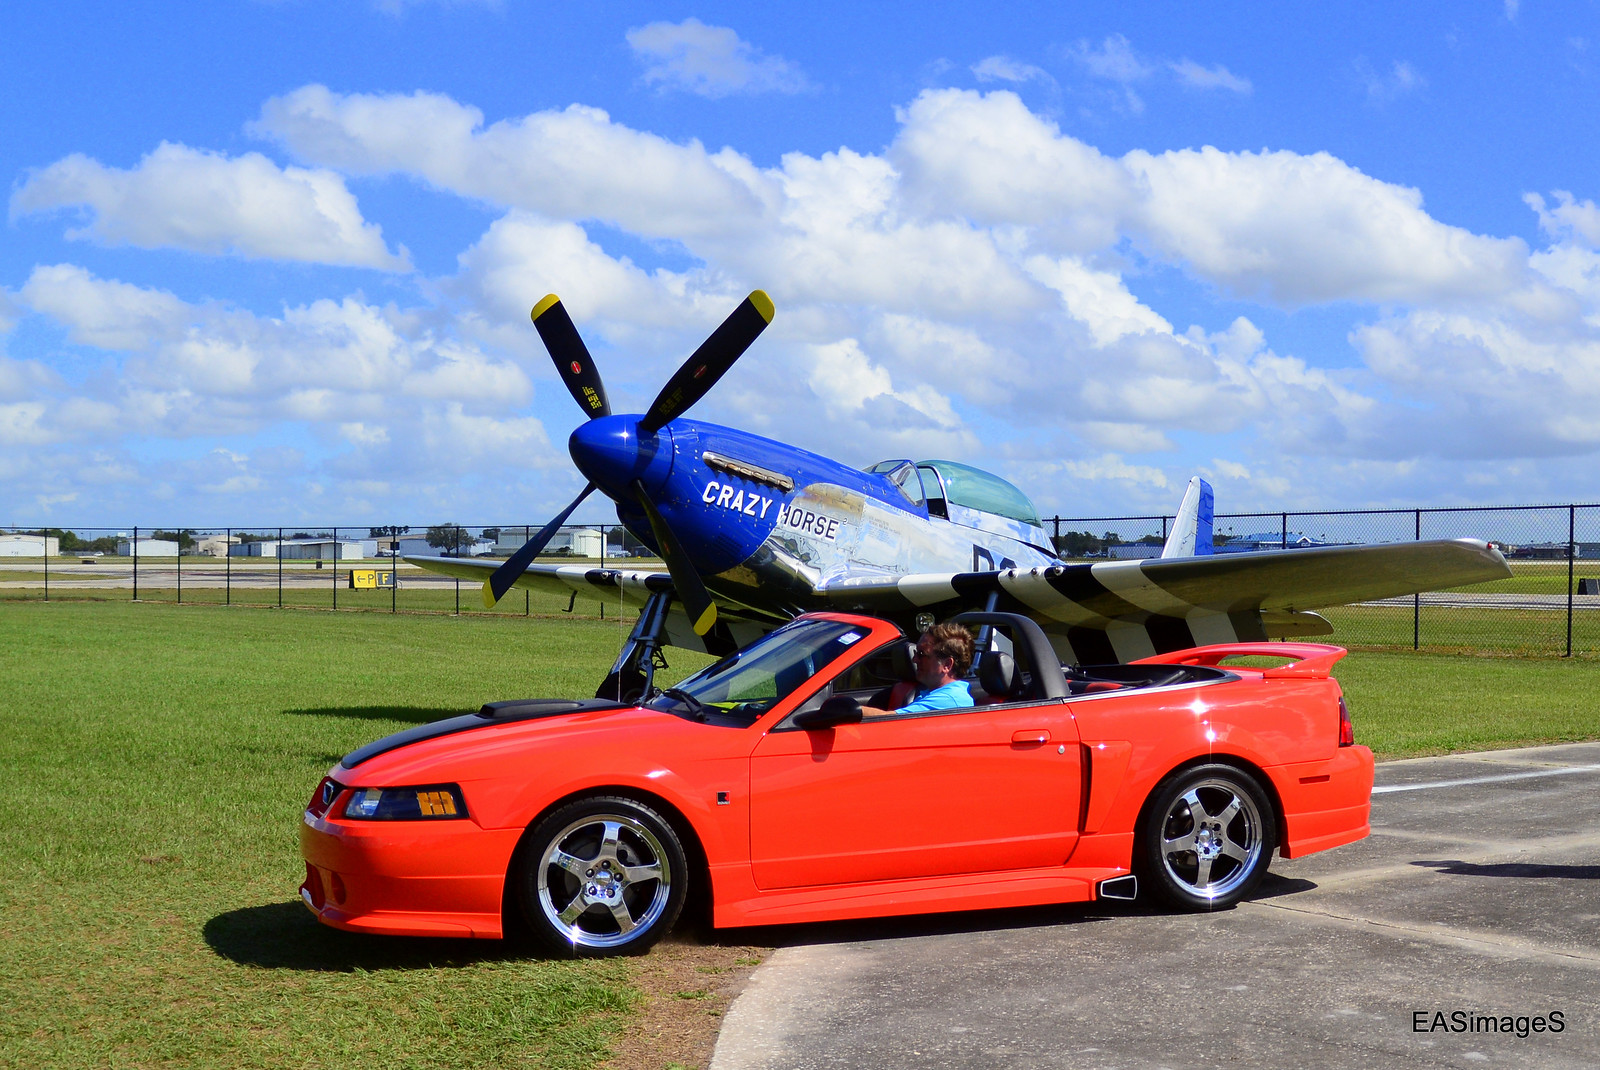 Lakeland Car Show